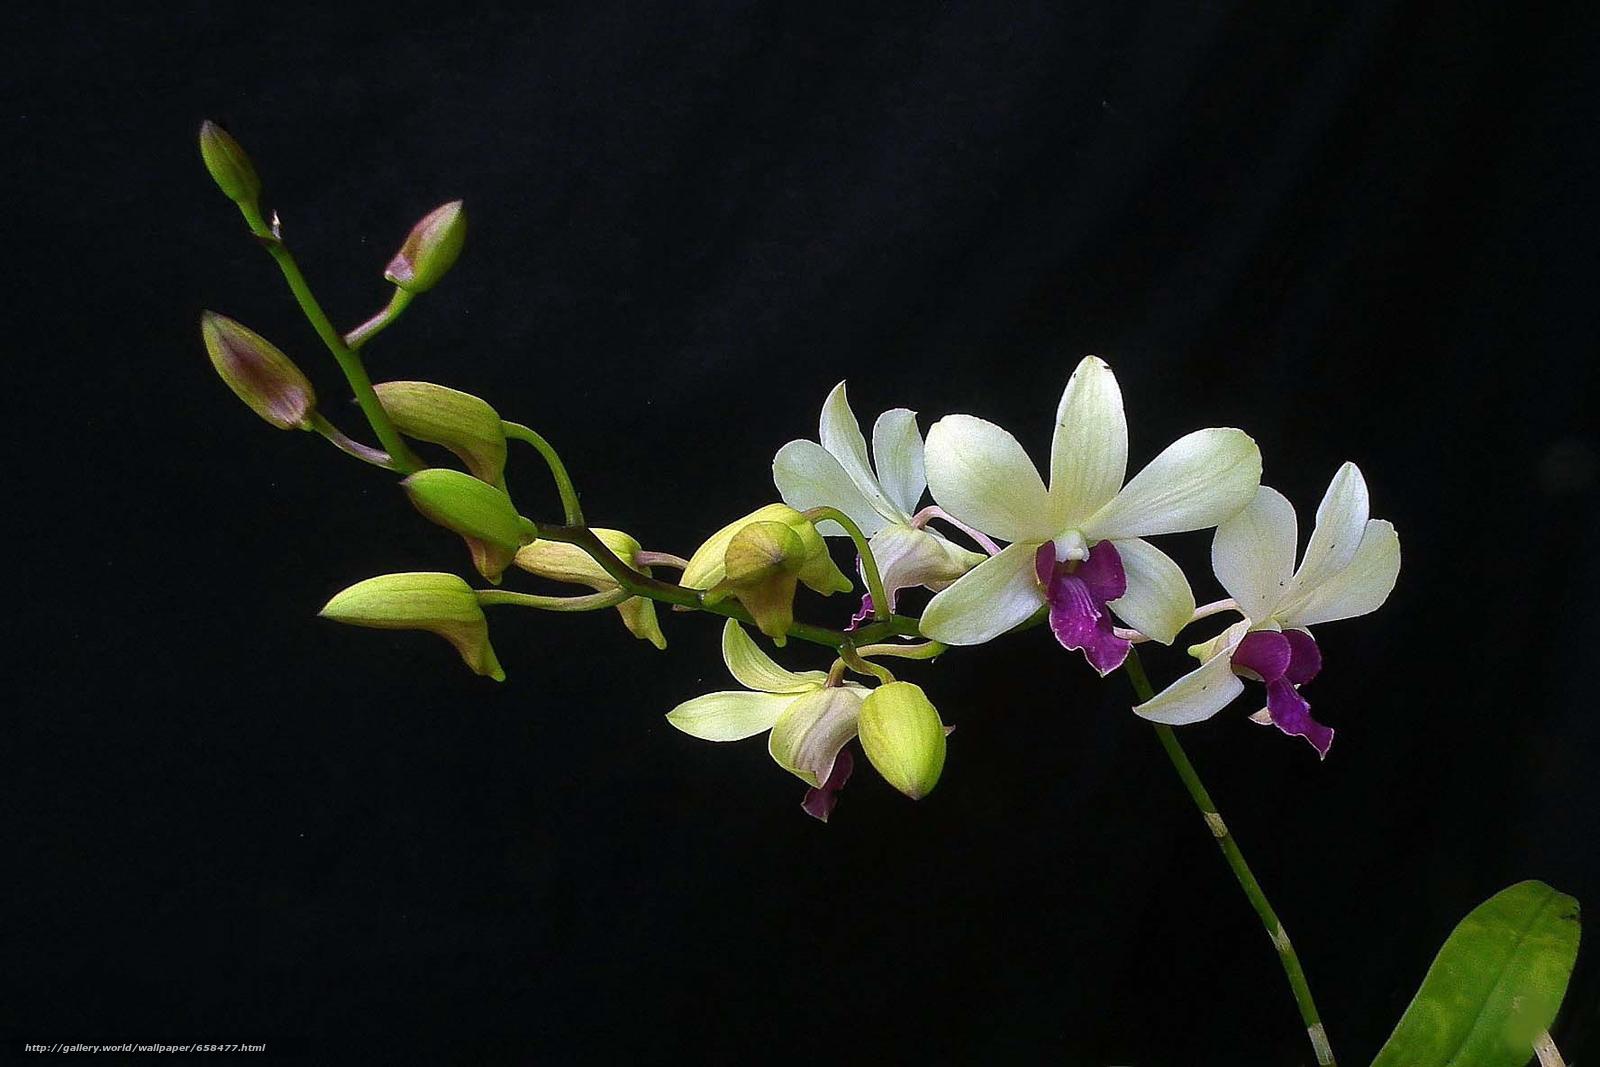 Скачать обои цветок,  цветы,  флора бесплатно для рабочего стола в разрешении 1776x1184 — картинка №658477